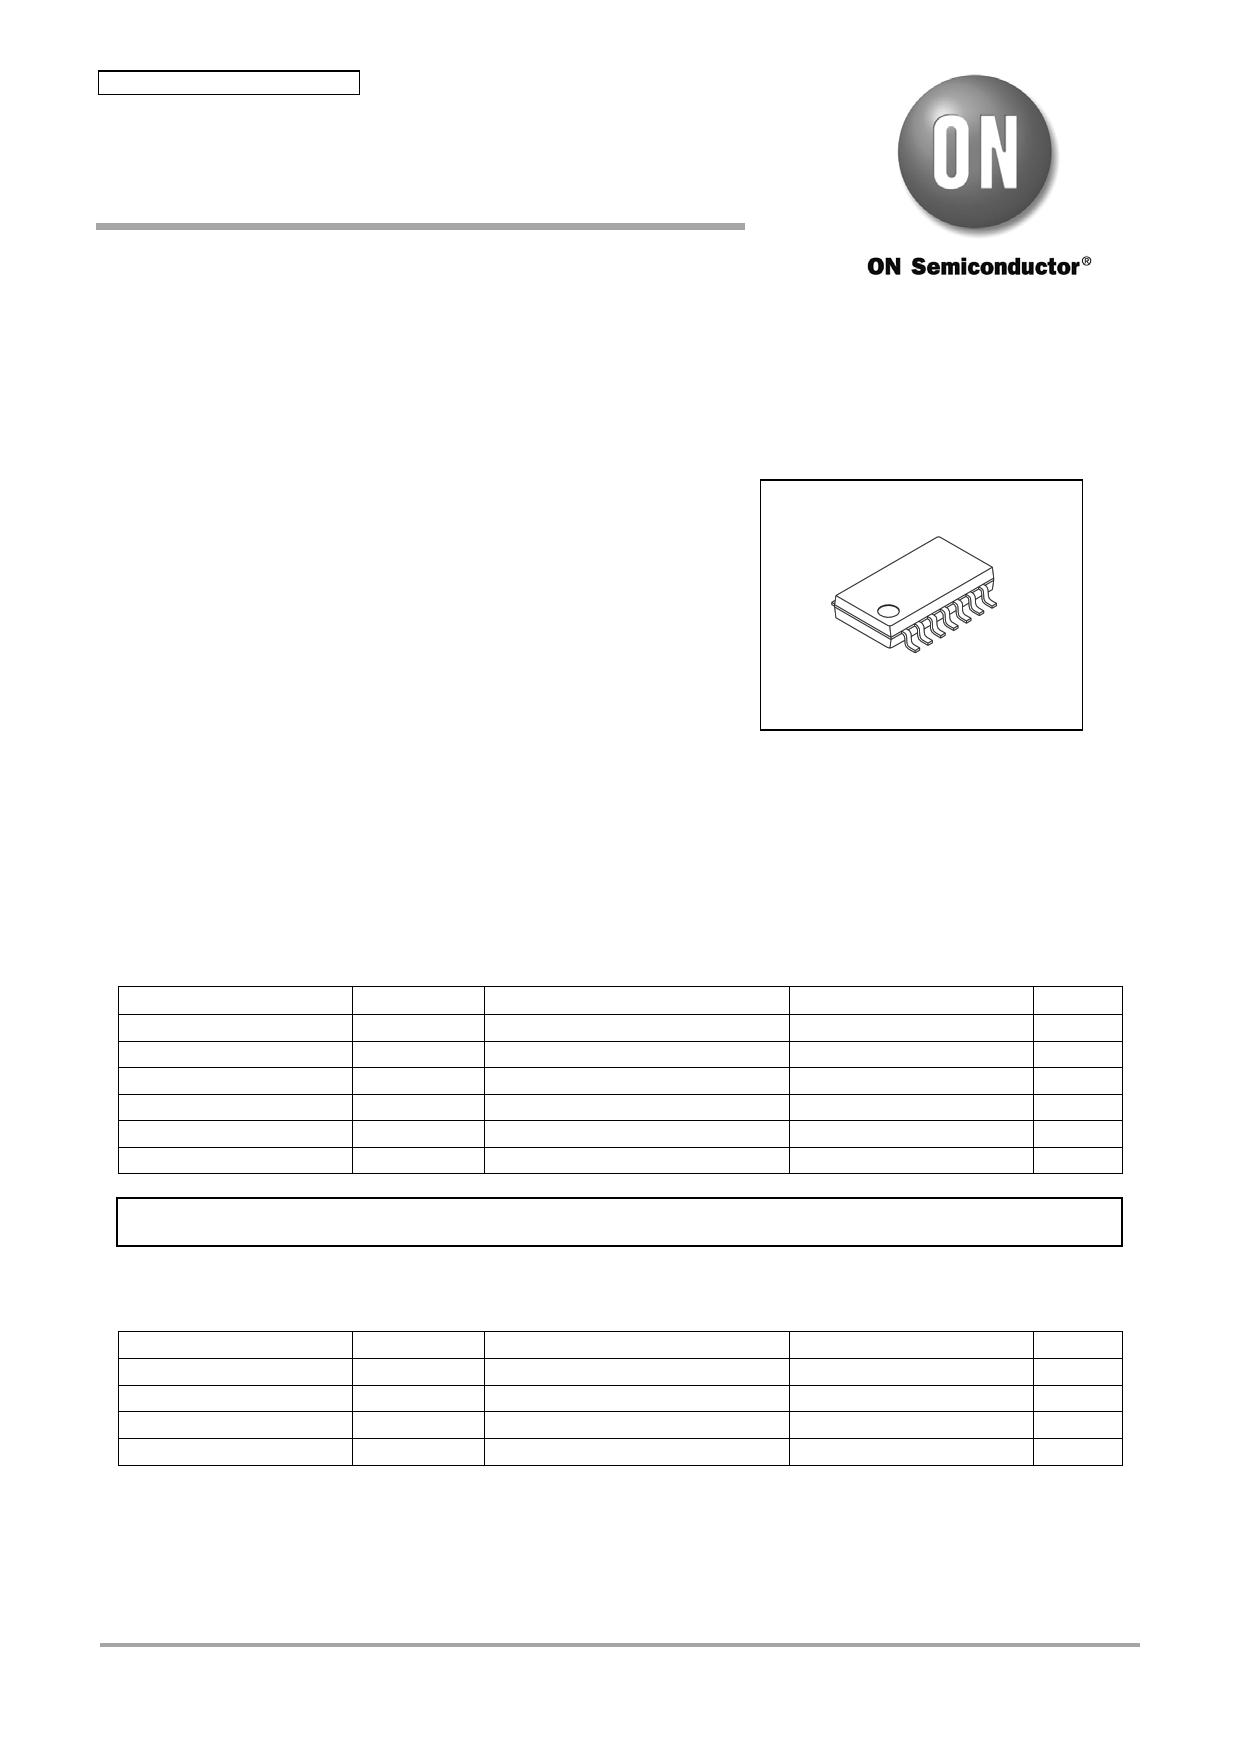 LB1837M datasheet